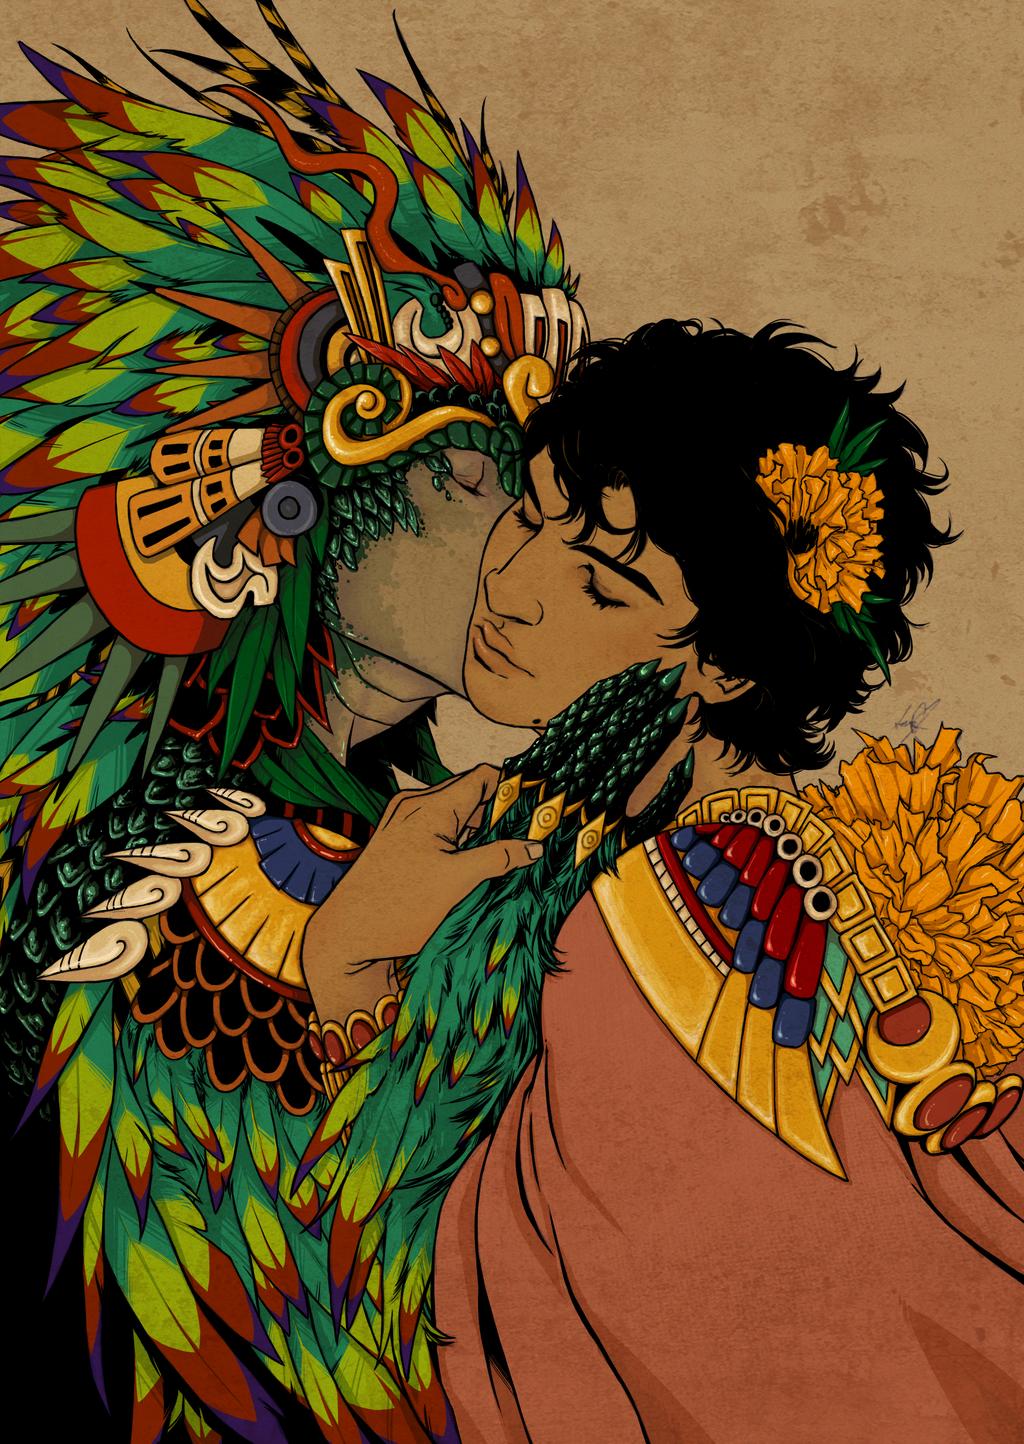 Quetzalcoatl and Mictlantecuhtli by oldshuck